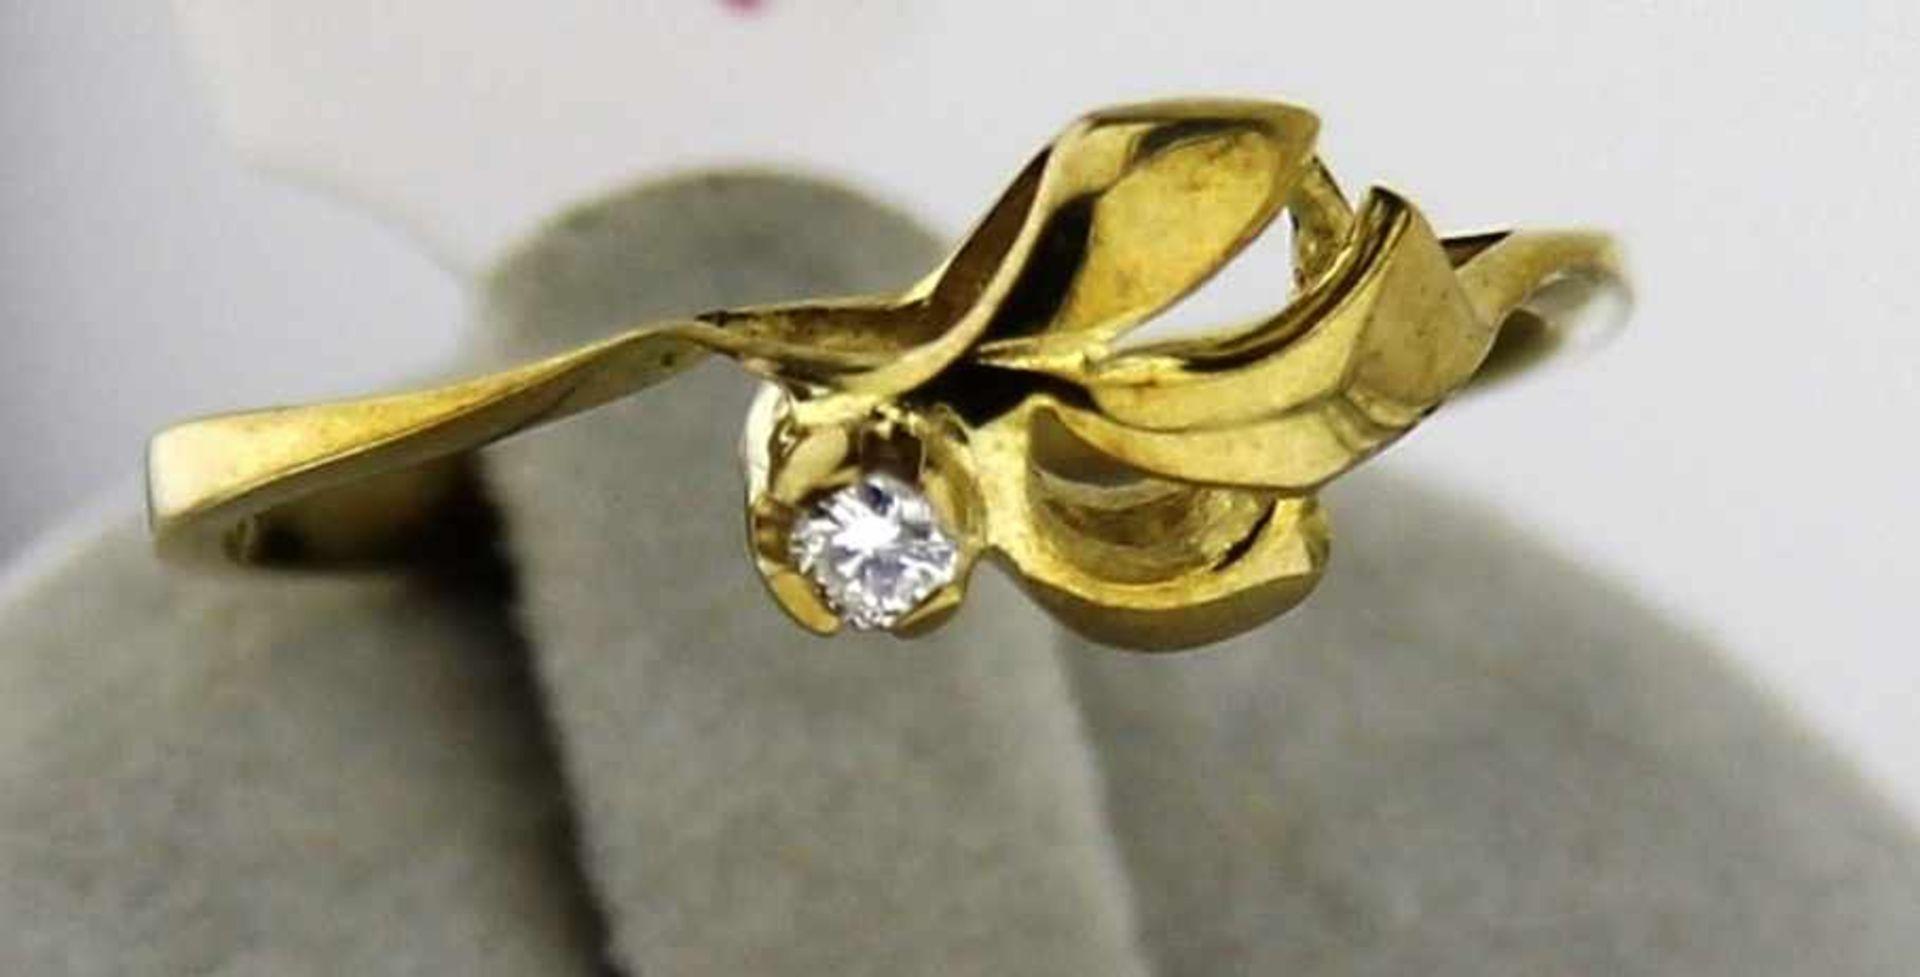 Damenring mit Brillant in 333 Gold, NOS Gr. 56, Brillant 0,06 ct. W/Pi, Gesamtgewicht ca. 1,6 Gramm,